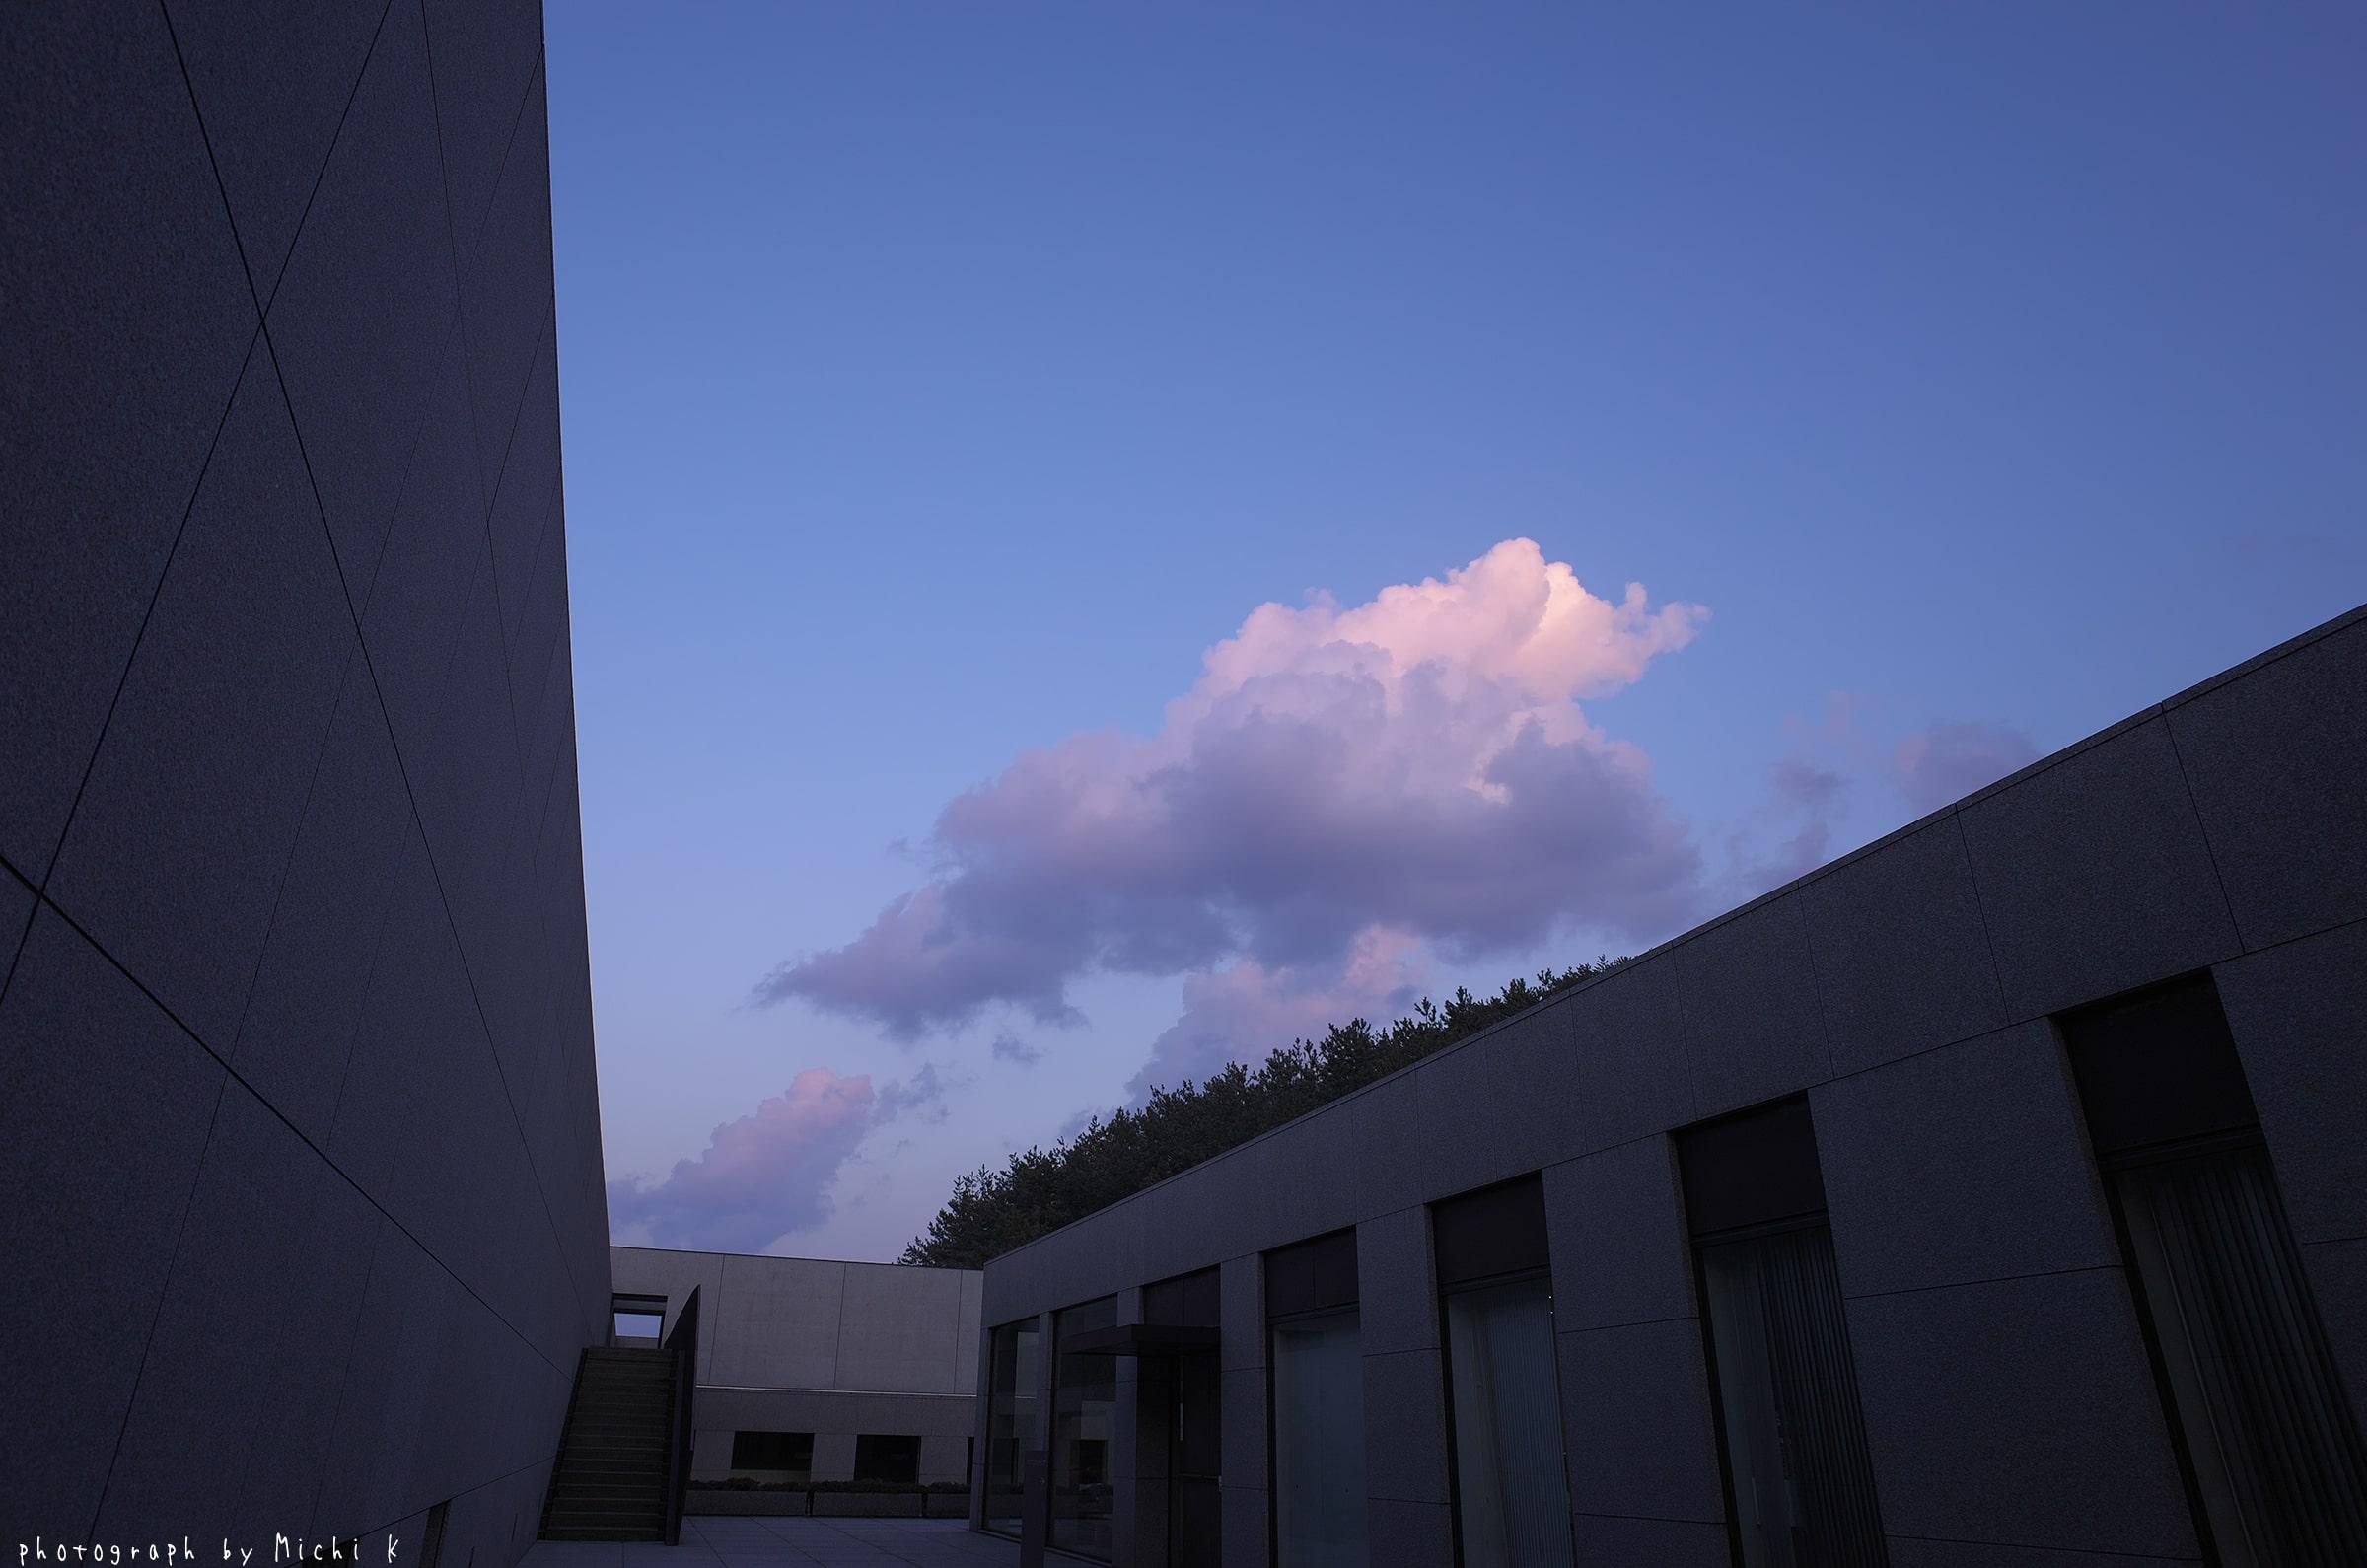 土門拳記念館にて2019-3-2夕方(写真その8)